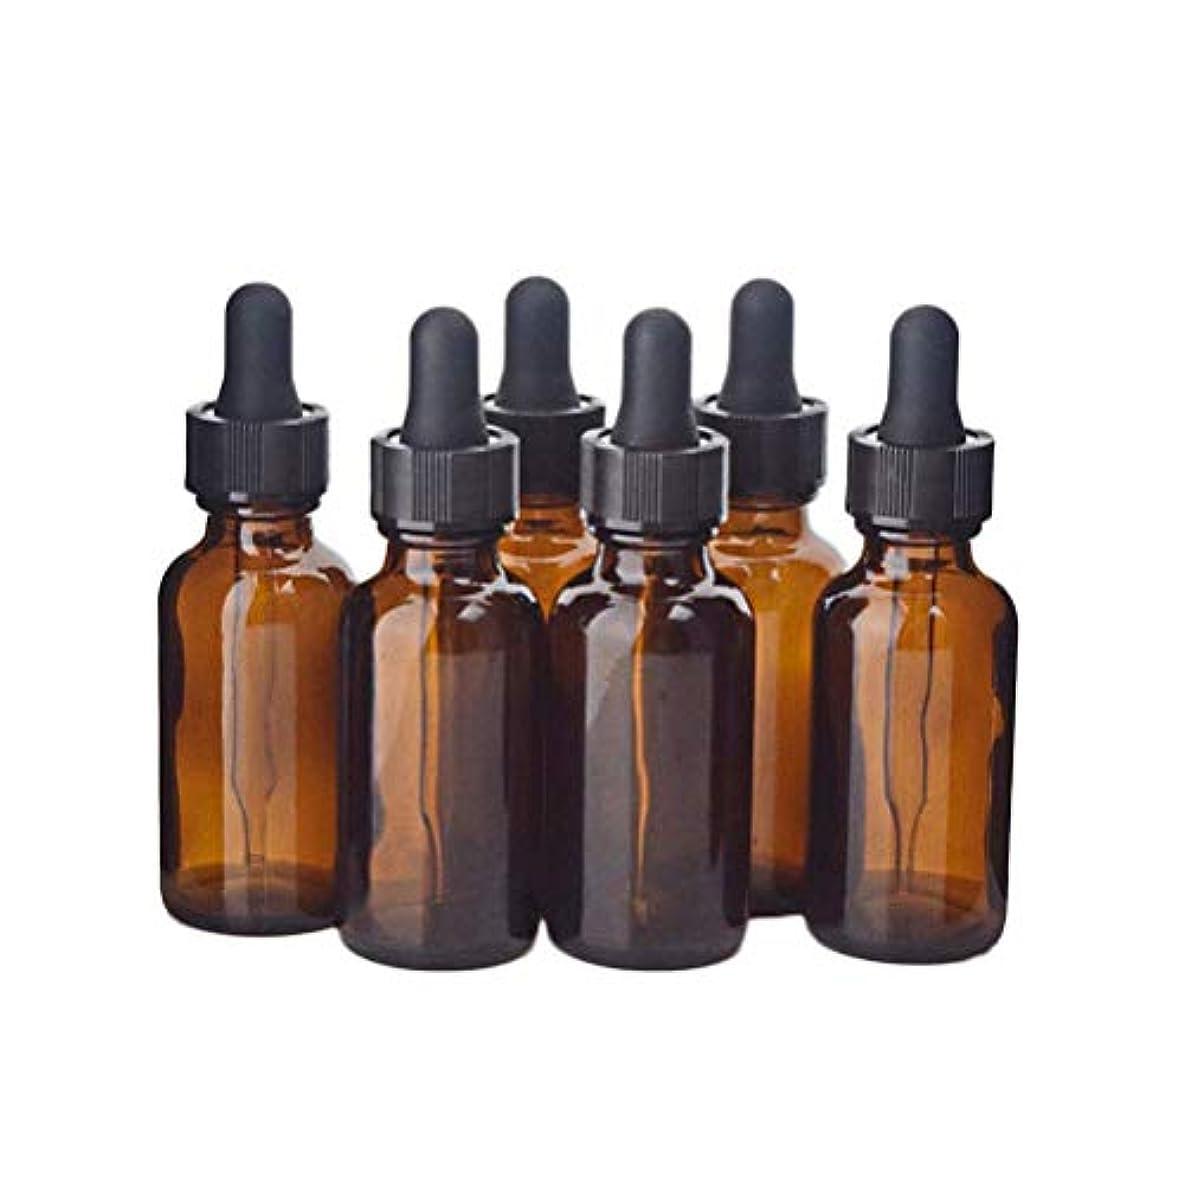 味付け失礼サーキュレーション遮光瓶 アロマオイル 精油 香水やアロマの保存 小分け用 遮光瓶 30ml 12本セット茶色